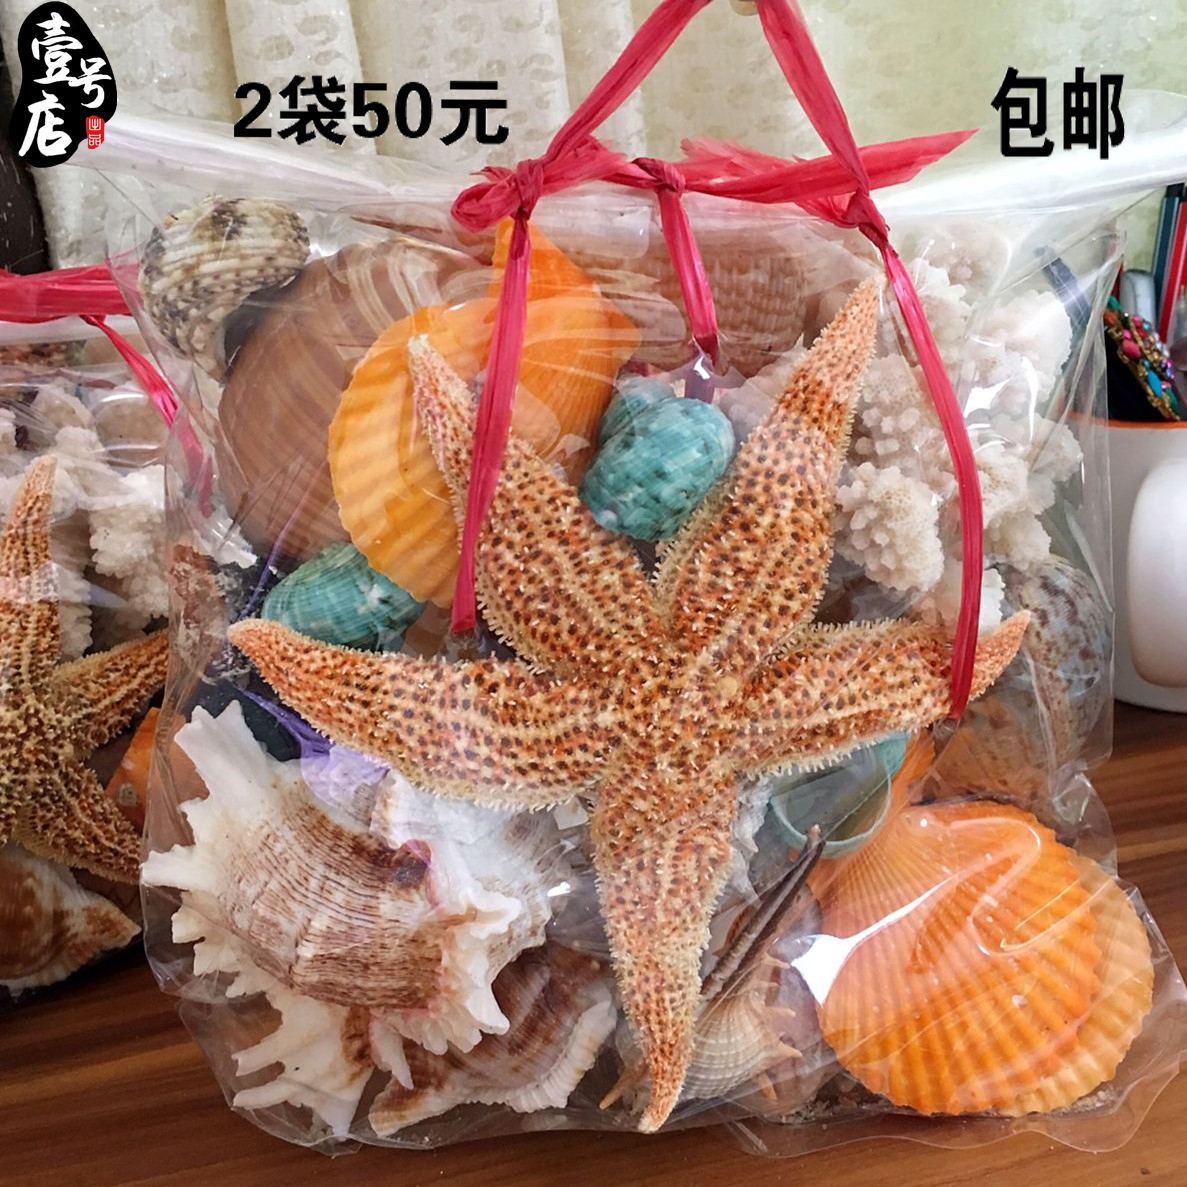 包邮 海南高档天然海螺海星贝壳套装600G约25个鱼缸装饰旅游礼物